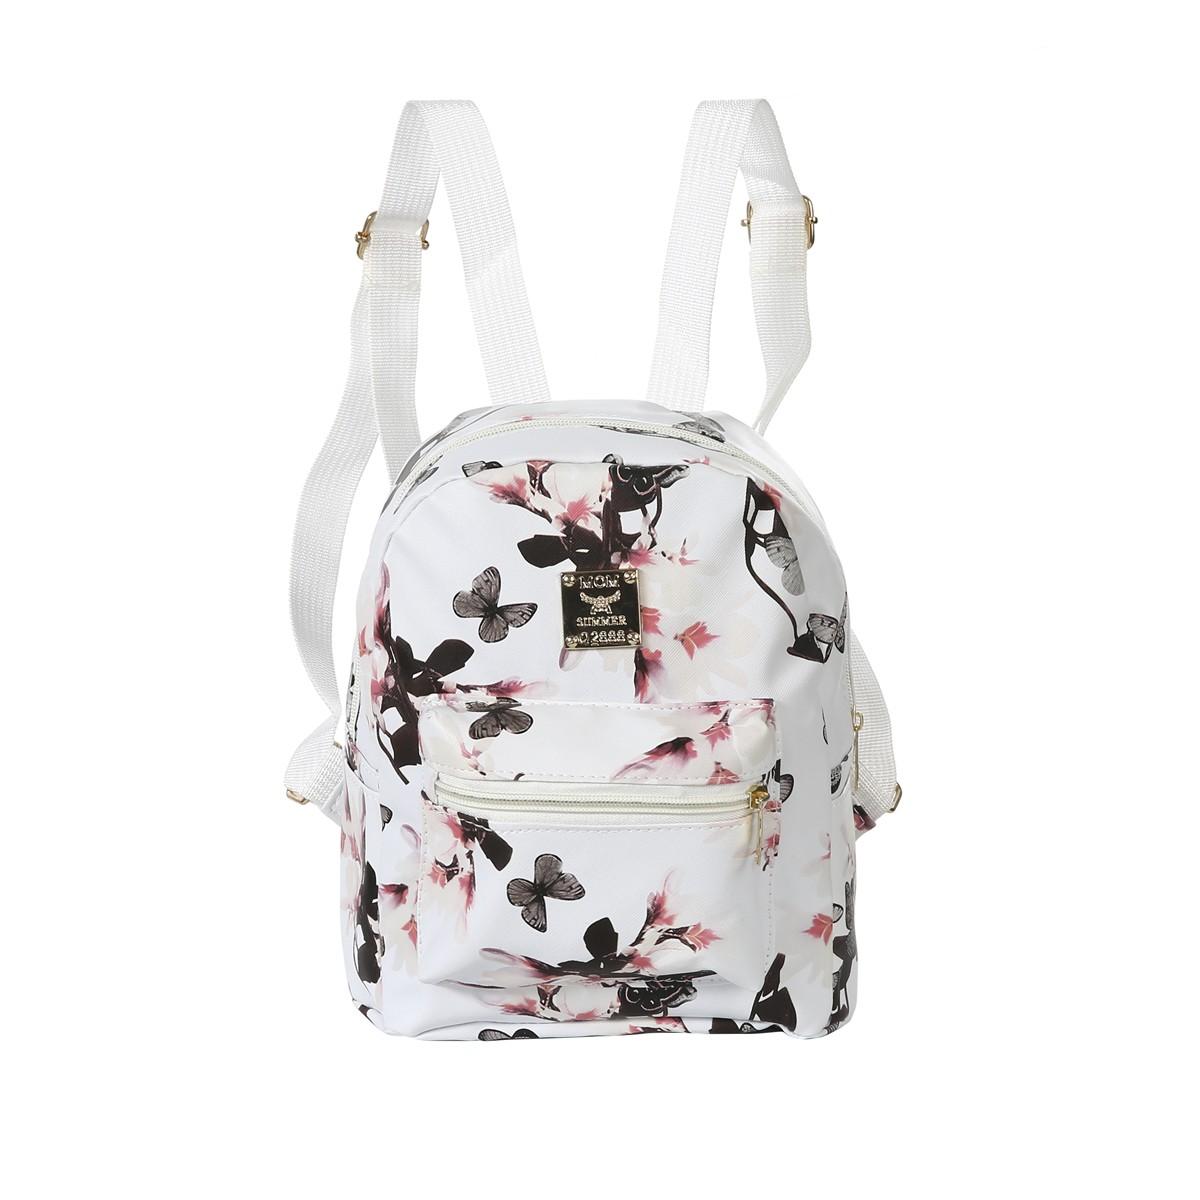 Meihuid белый disney disney школьной зрачки девушка 3 4 6 сортов отдыха и путешествия плеча сумка 0168 розовых детского рюкзак